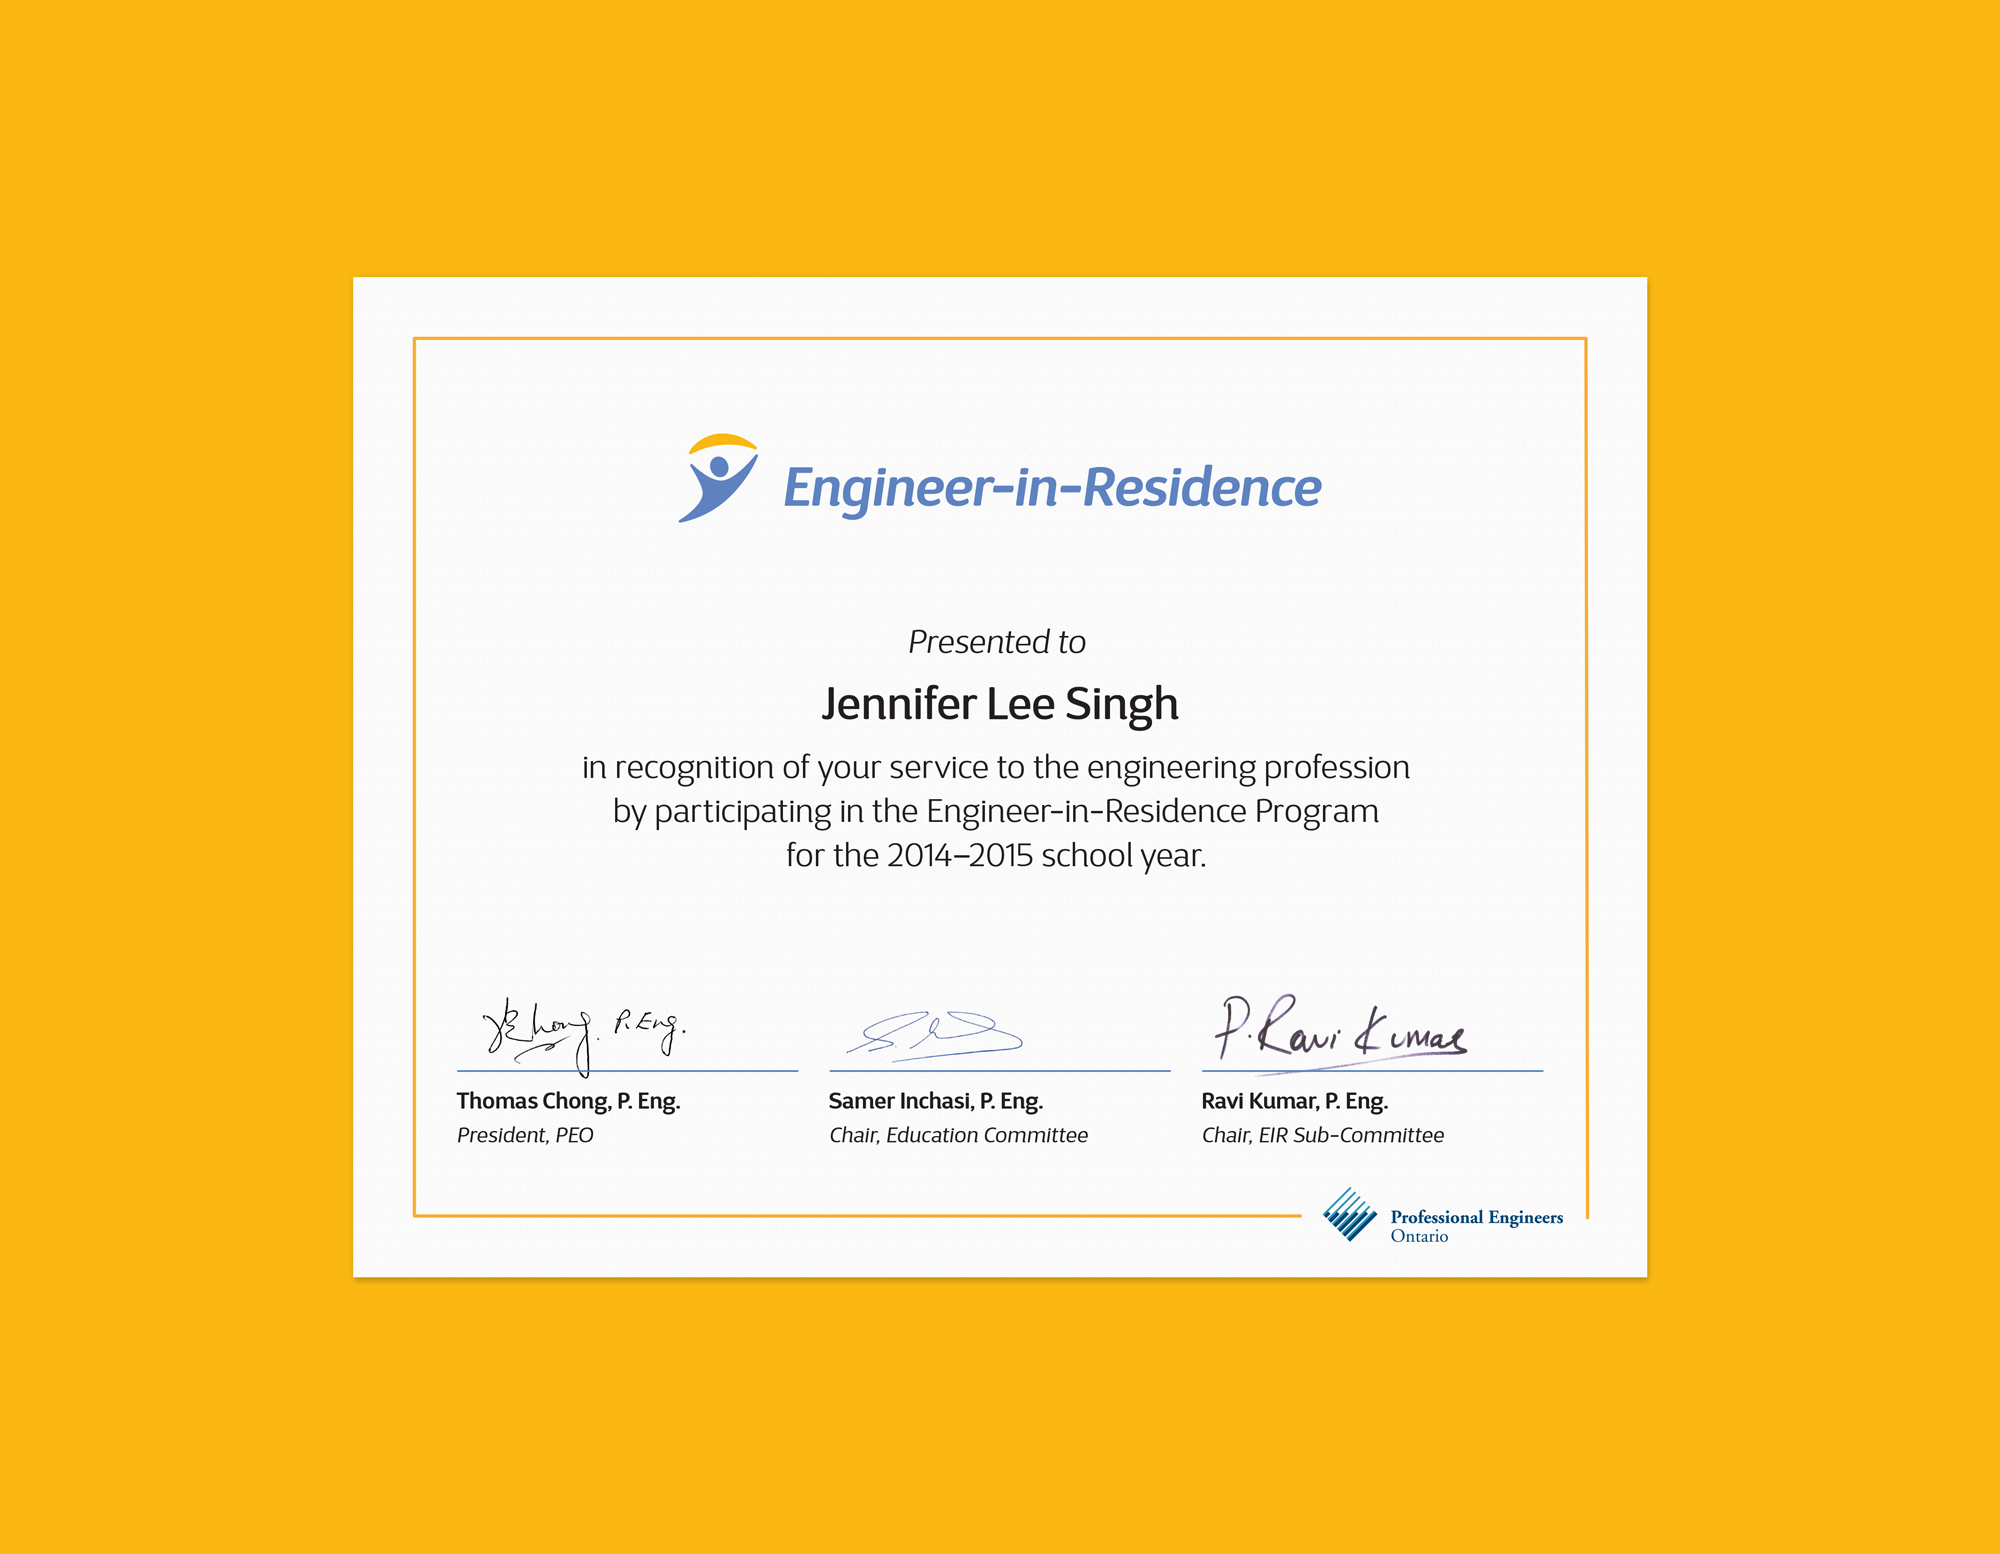 eir-certificate-1.jpg